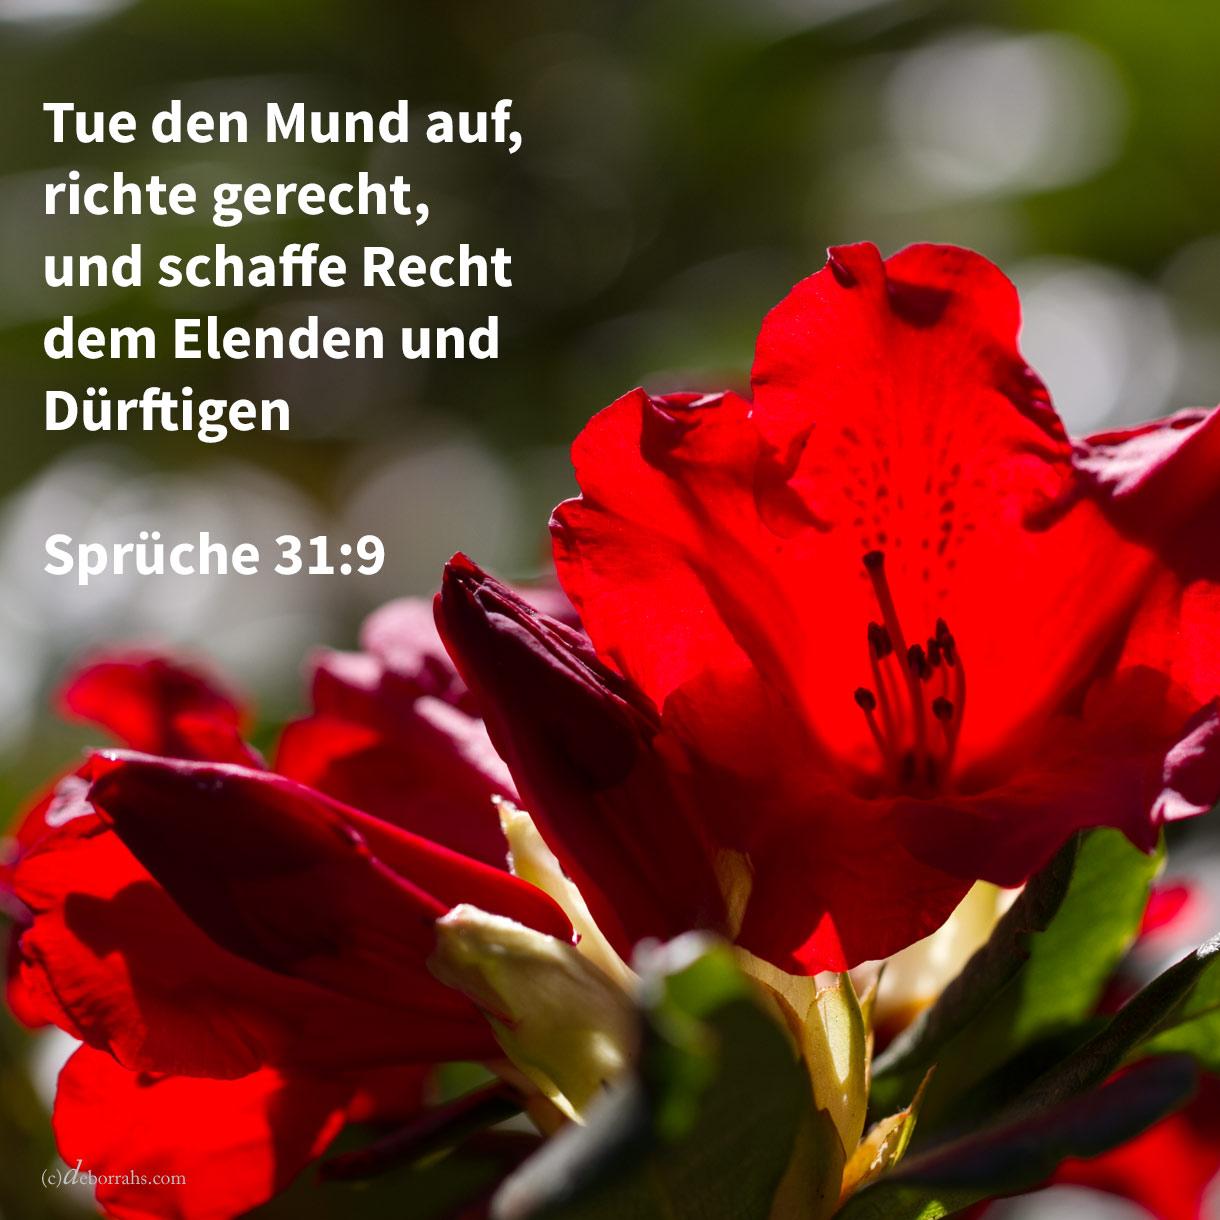 Tue den Mund auf, richte gerecht, und schaffe Recht dem Elenden und dem Dürftigen ( Sprüche 31,9 )